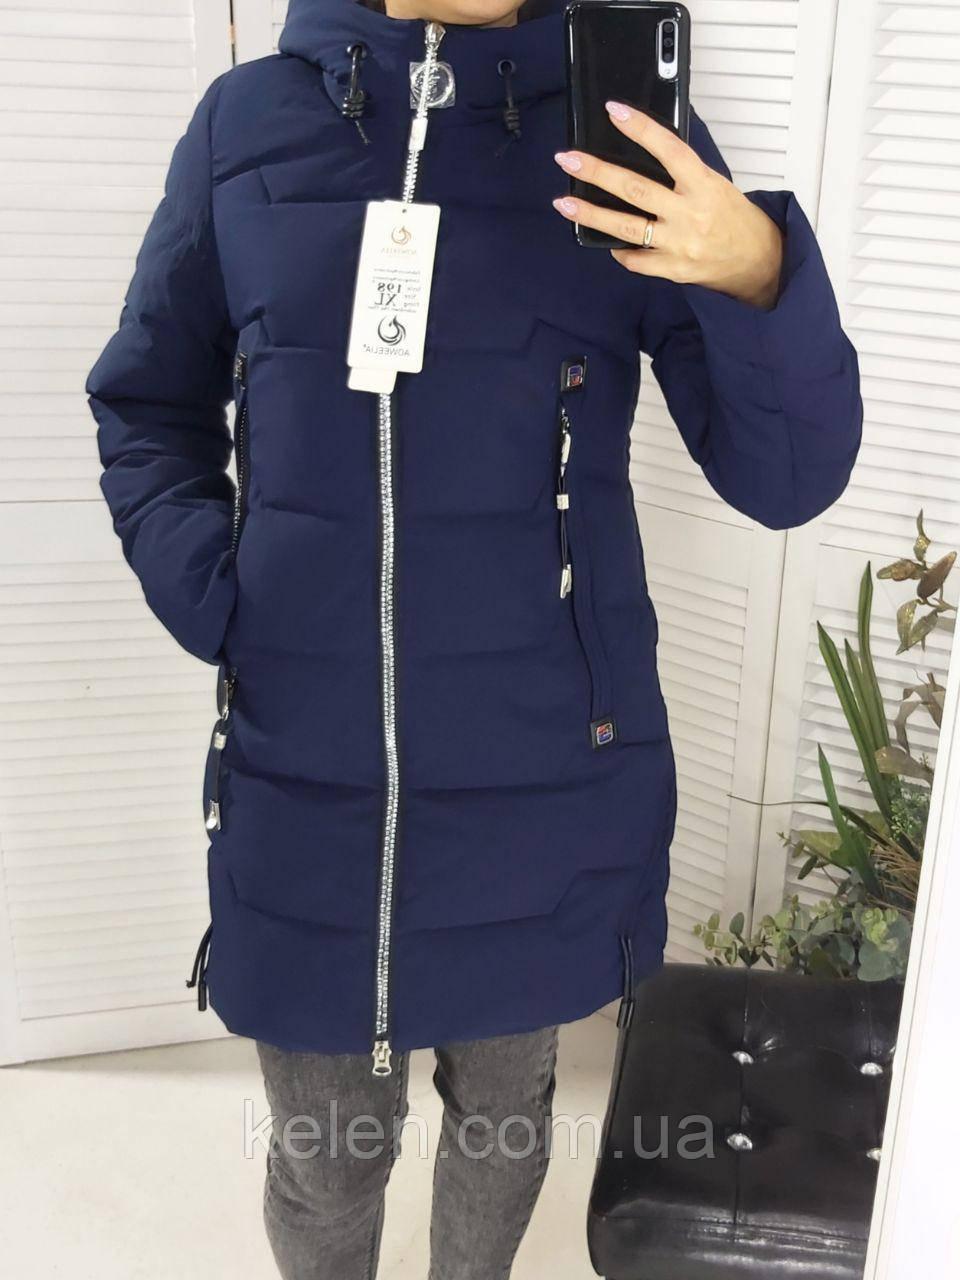 Стильная женская куртка синего цвета